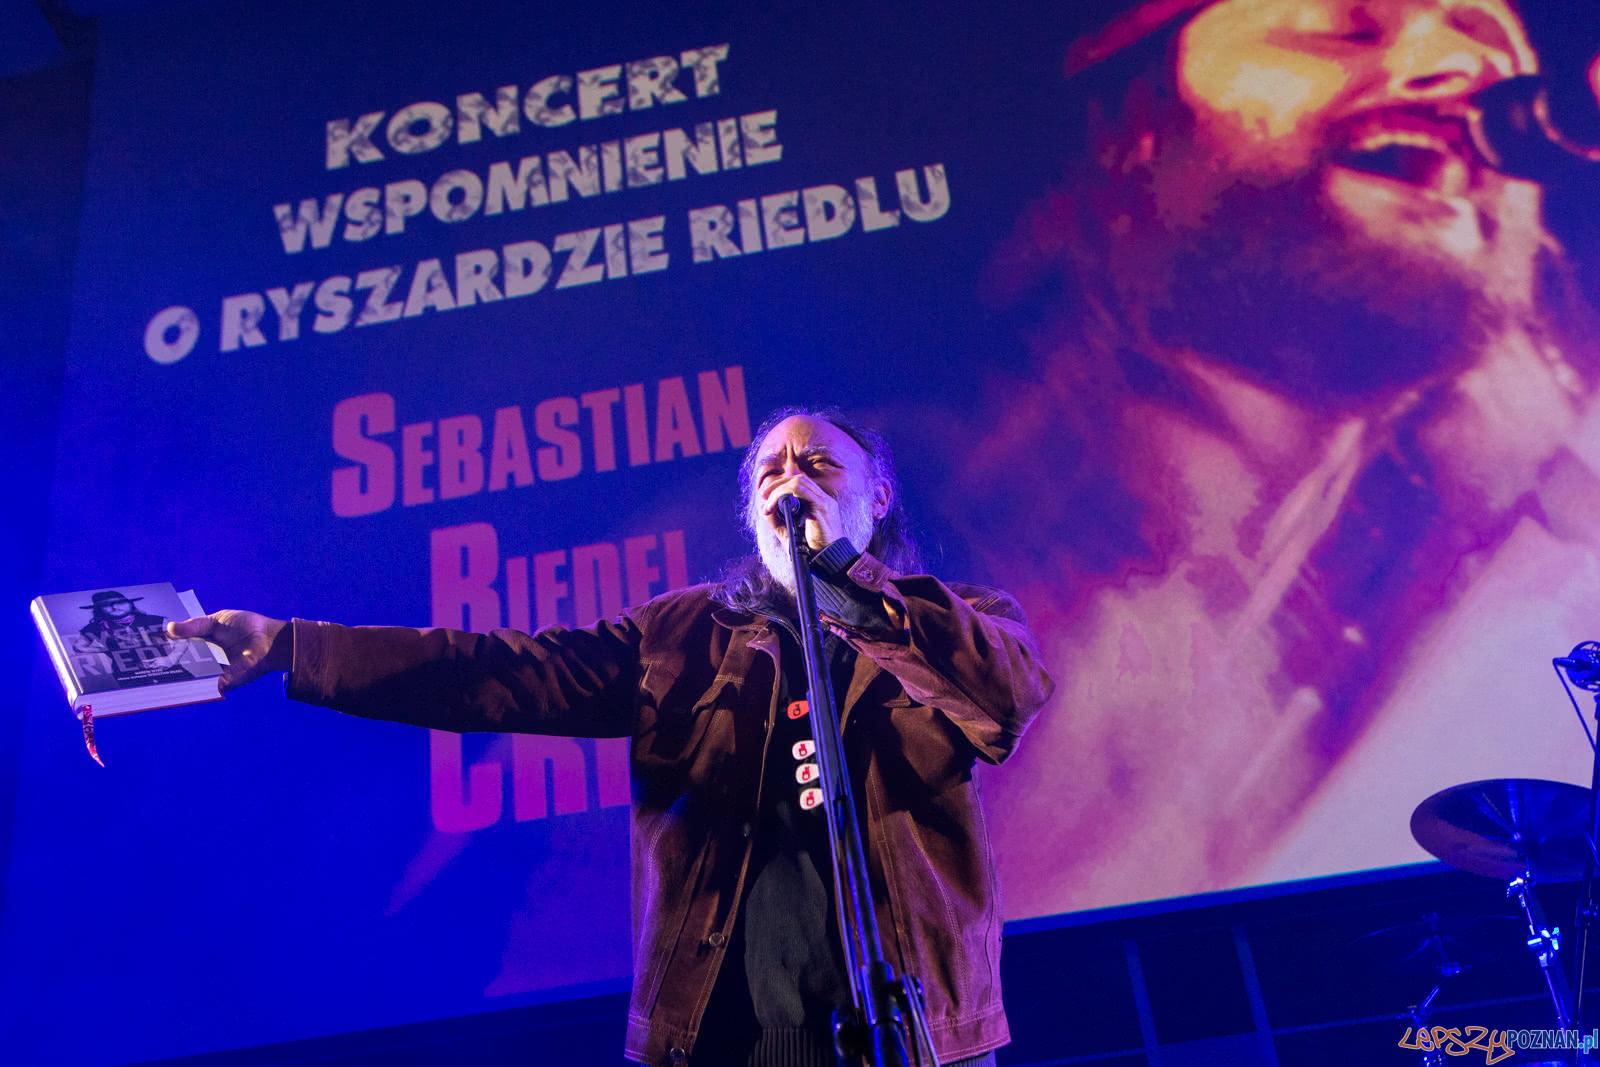 Wspomnienia o Ryszardzie Riedelu: Sebastian Riedel i zespół Cr  Foto: LepszyPOZNAN.pl / Paweł Rychter